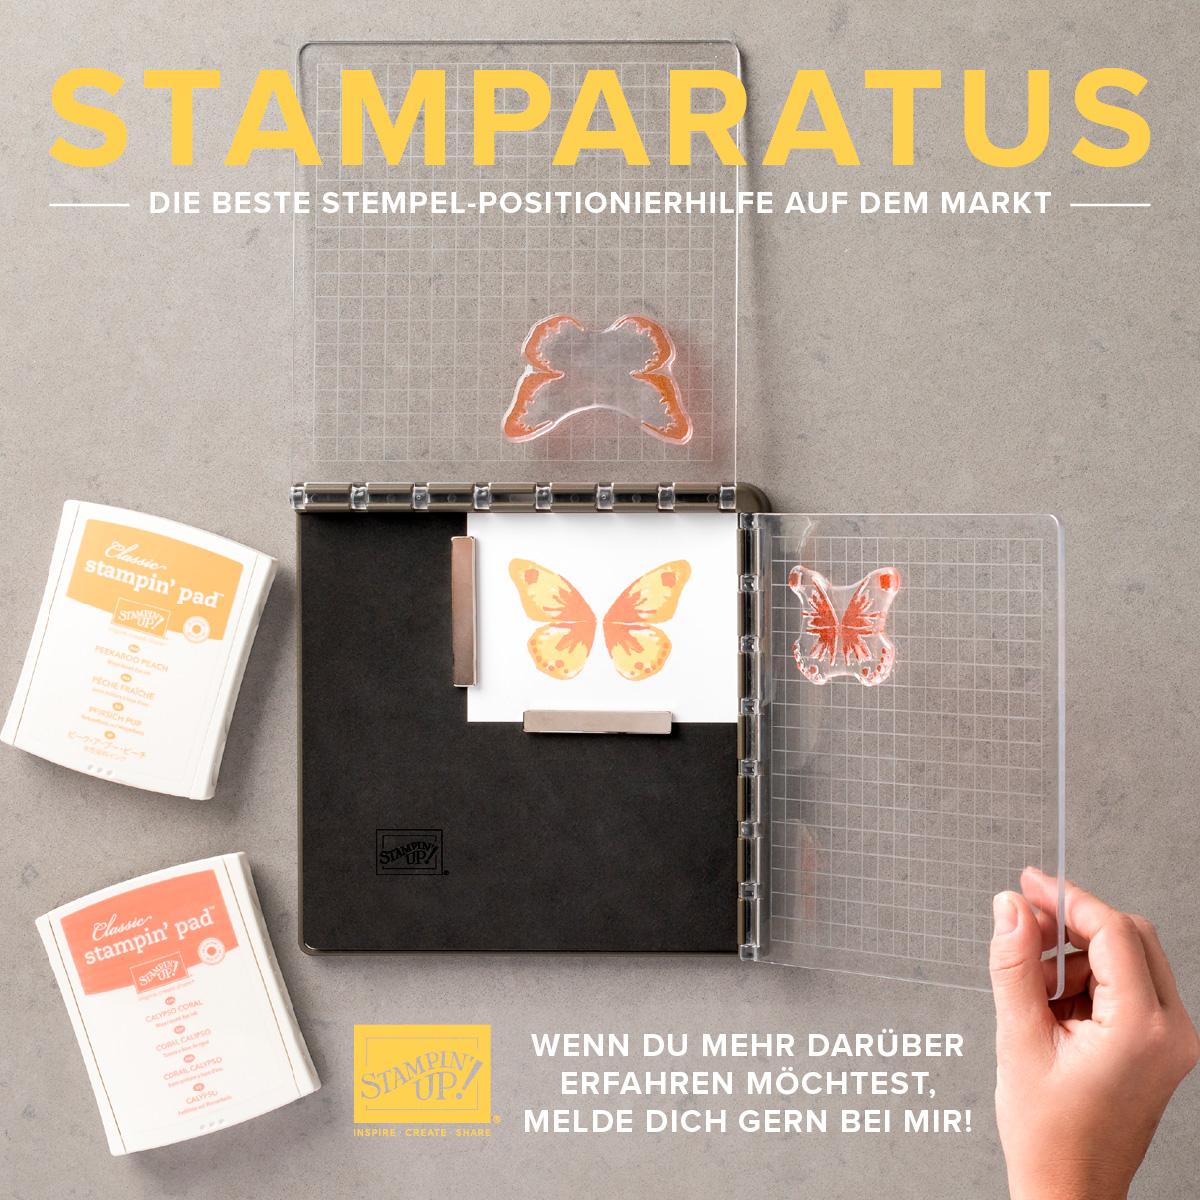 Neu! Stamparatus - Die Stempelpositionierhilfe